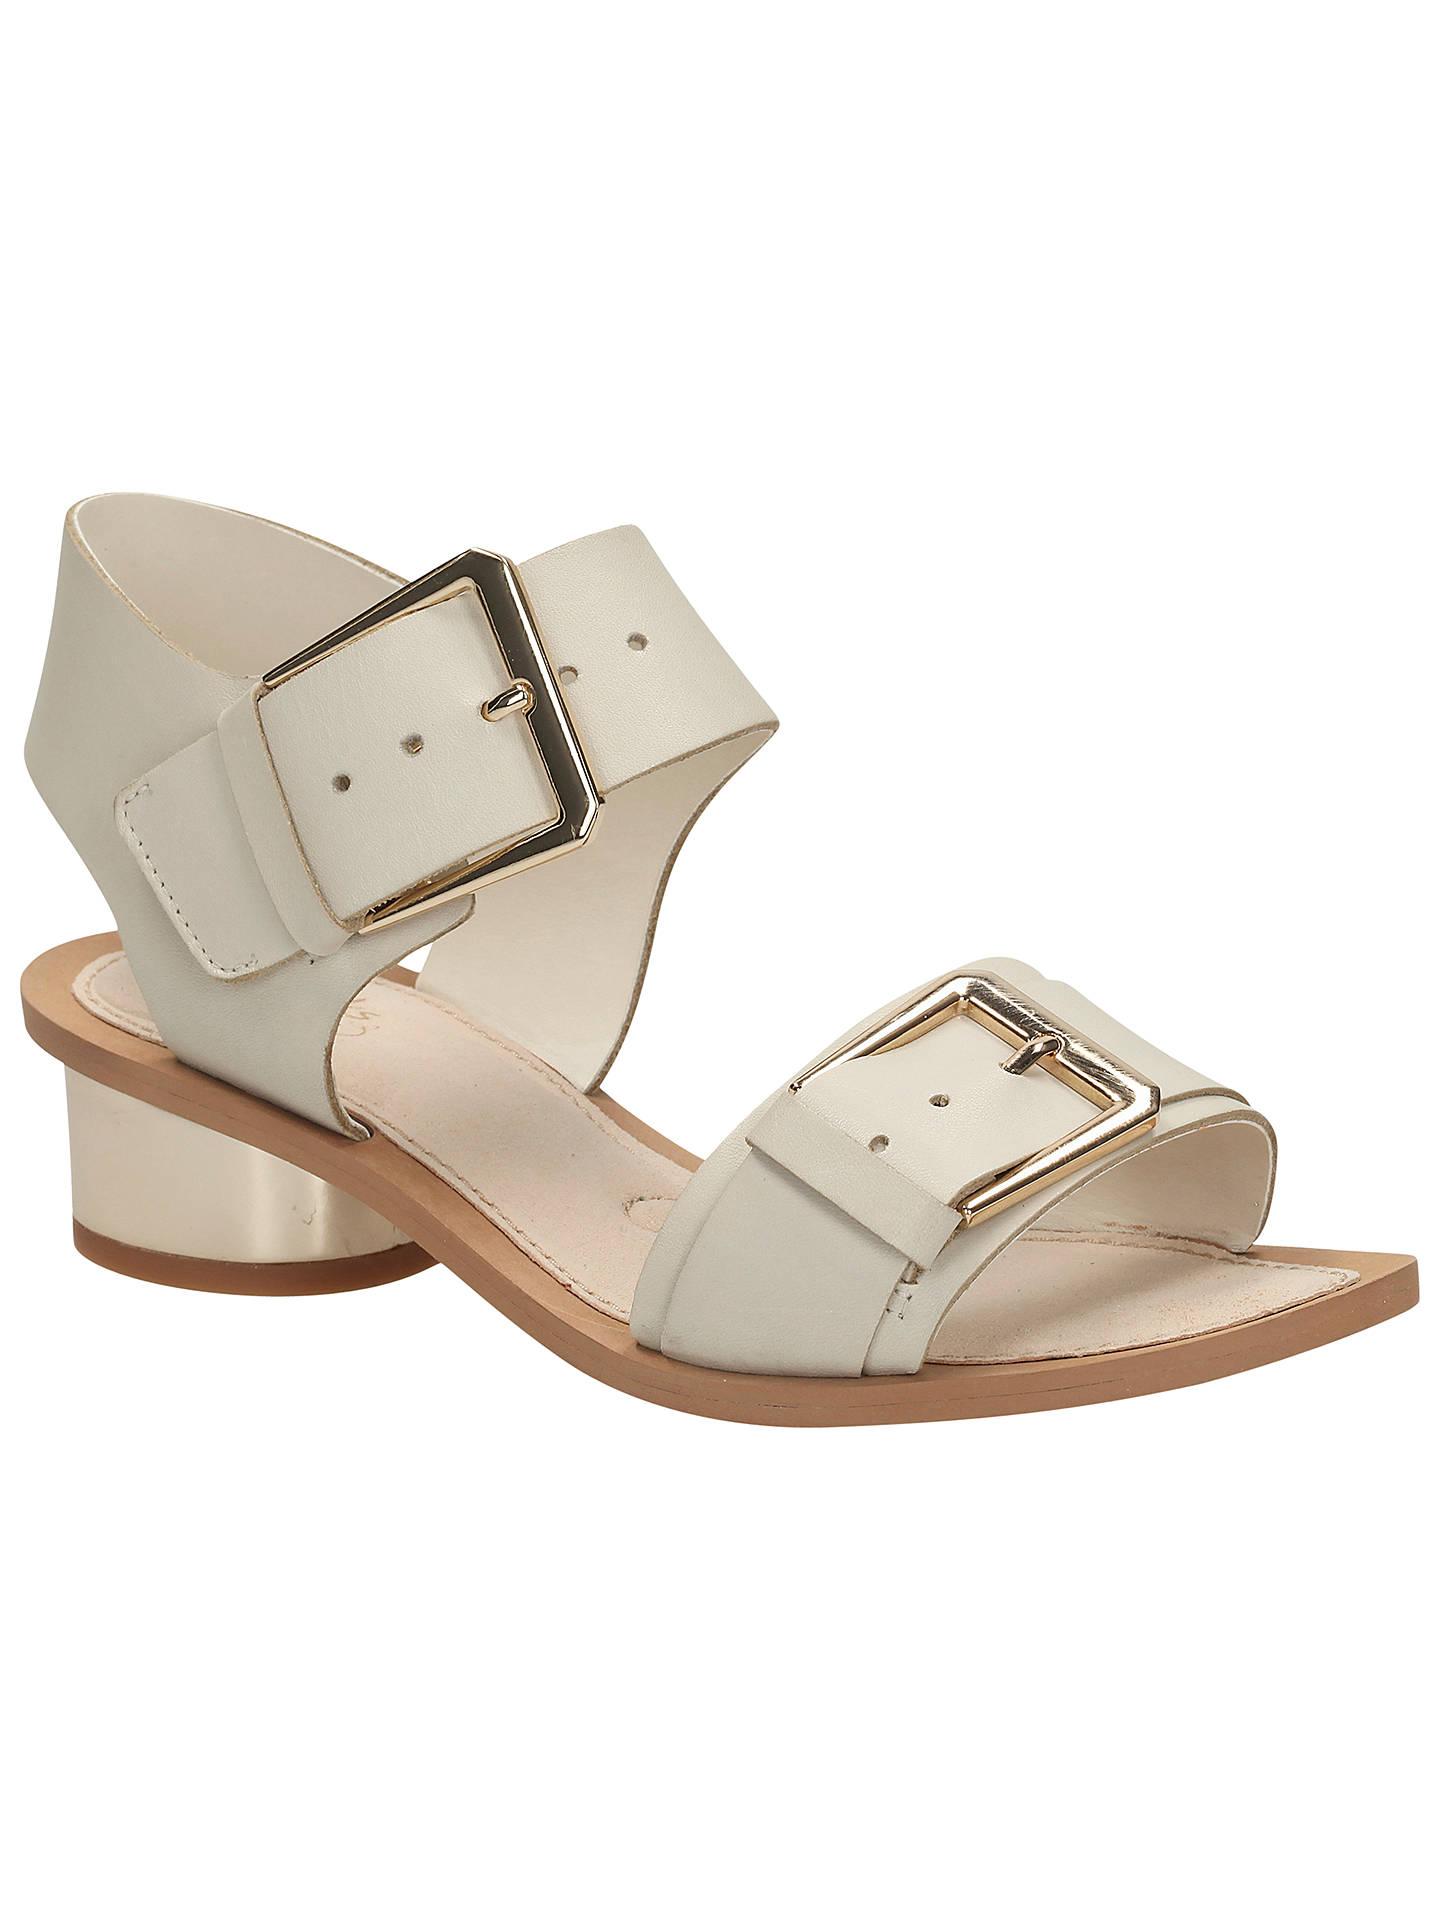 dda645cd0015 Buy Clarks Sandcastle Art Leather Sandals